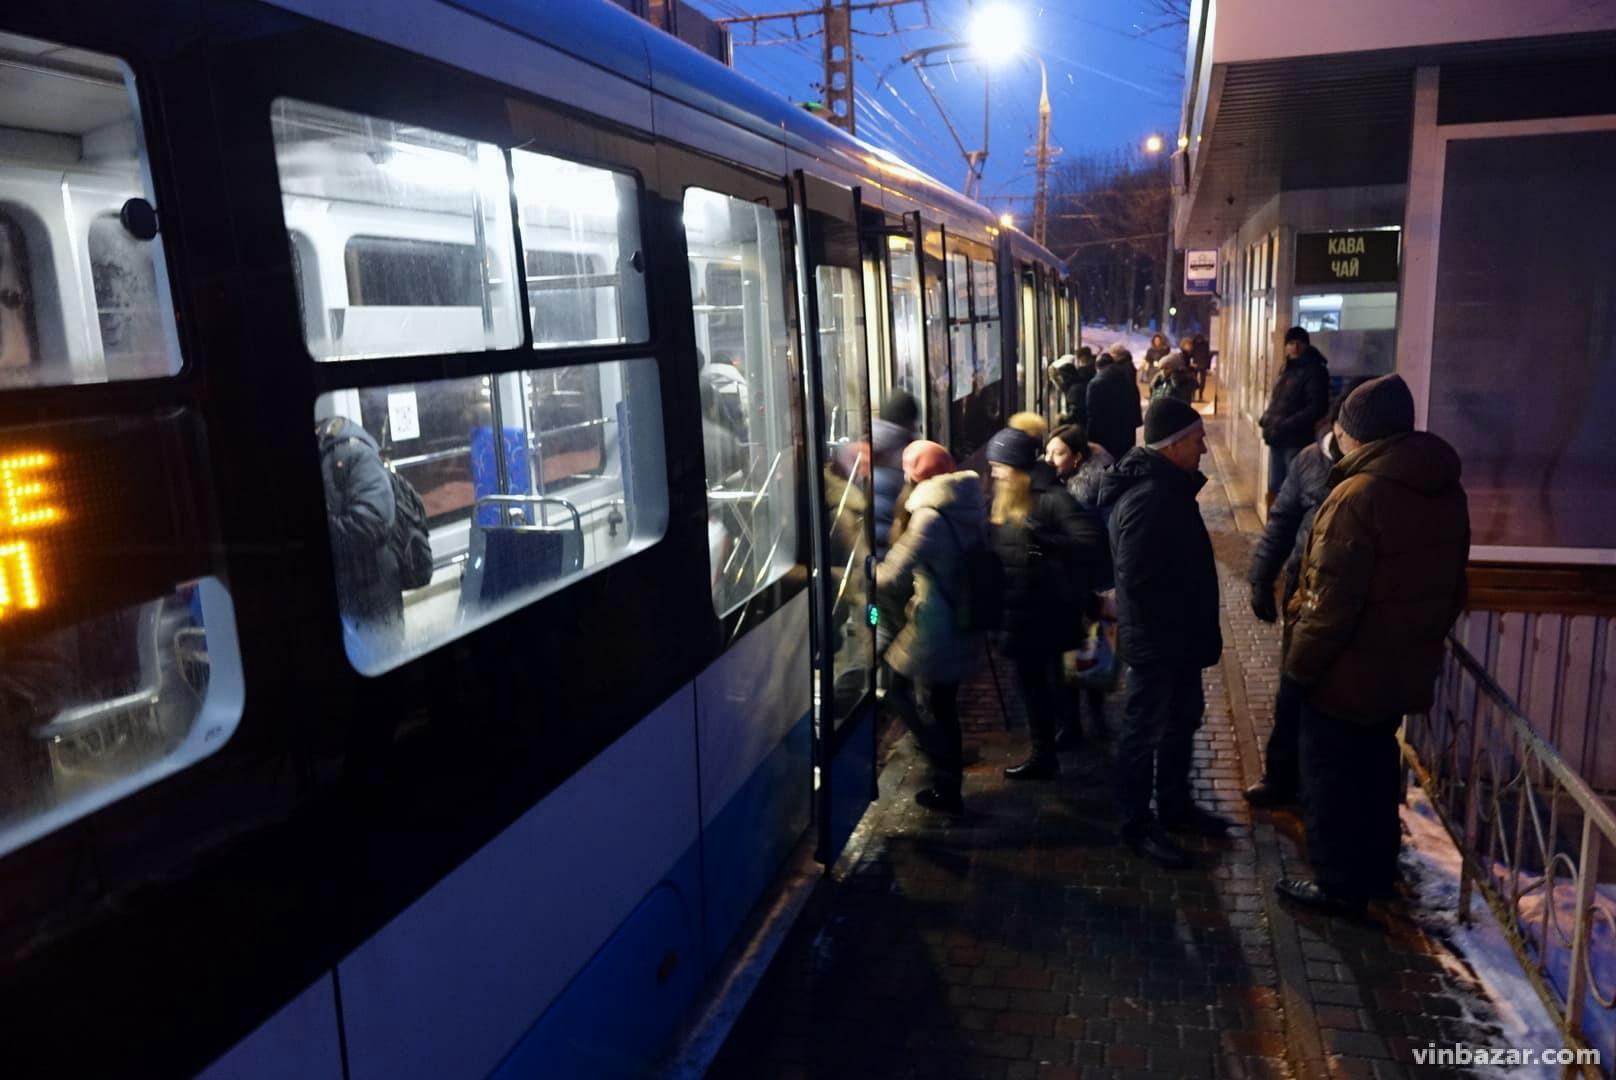 Квиток через смартфон: у Вінниці впровадили нову систему оплати проїзду (Фото)